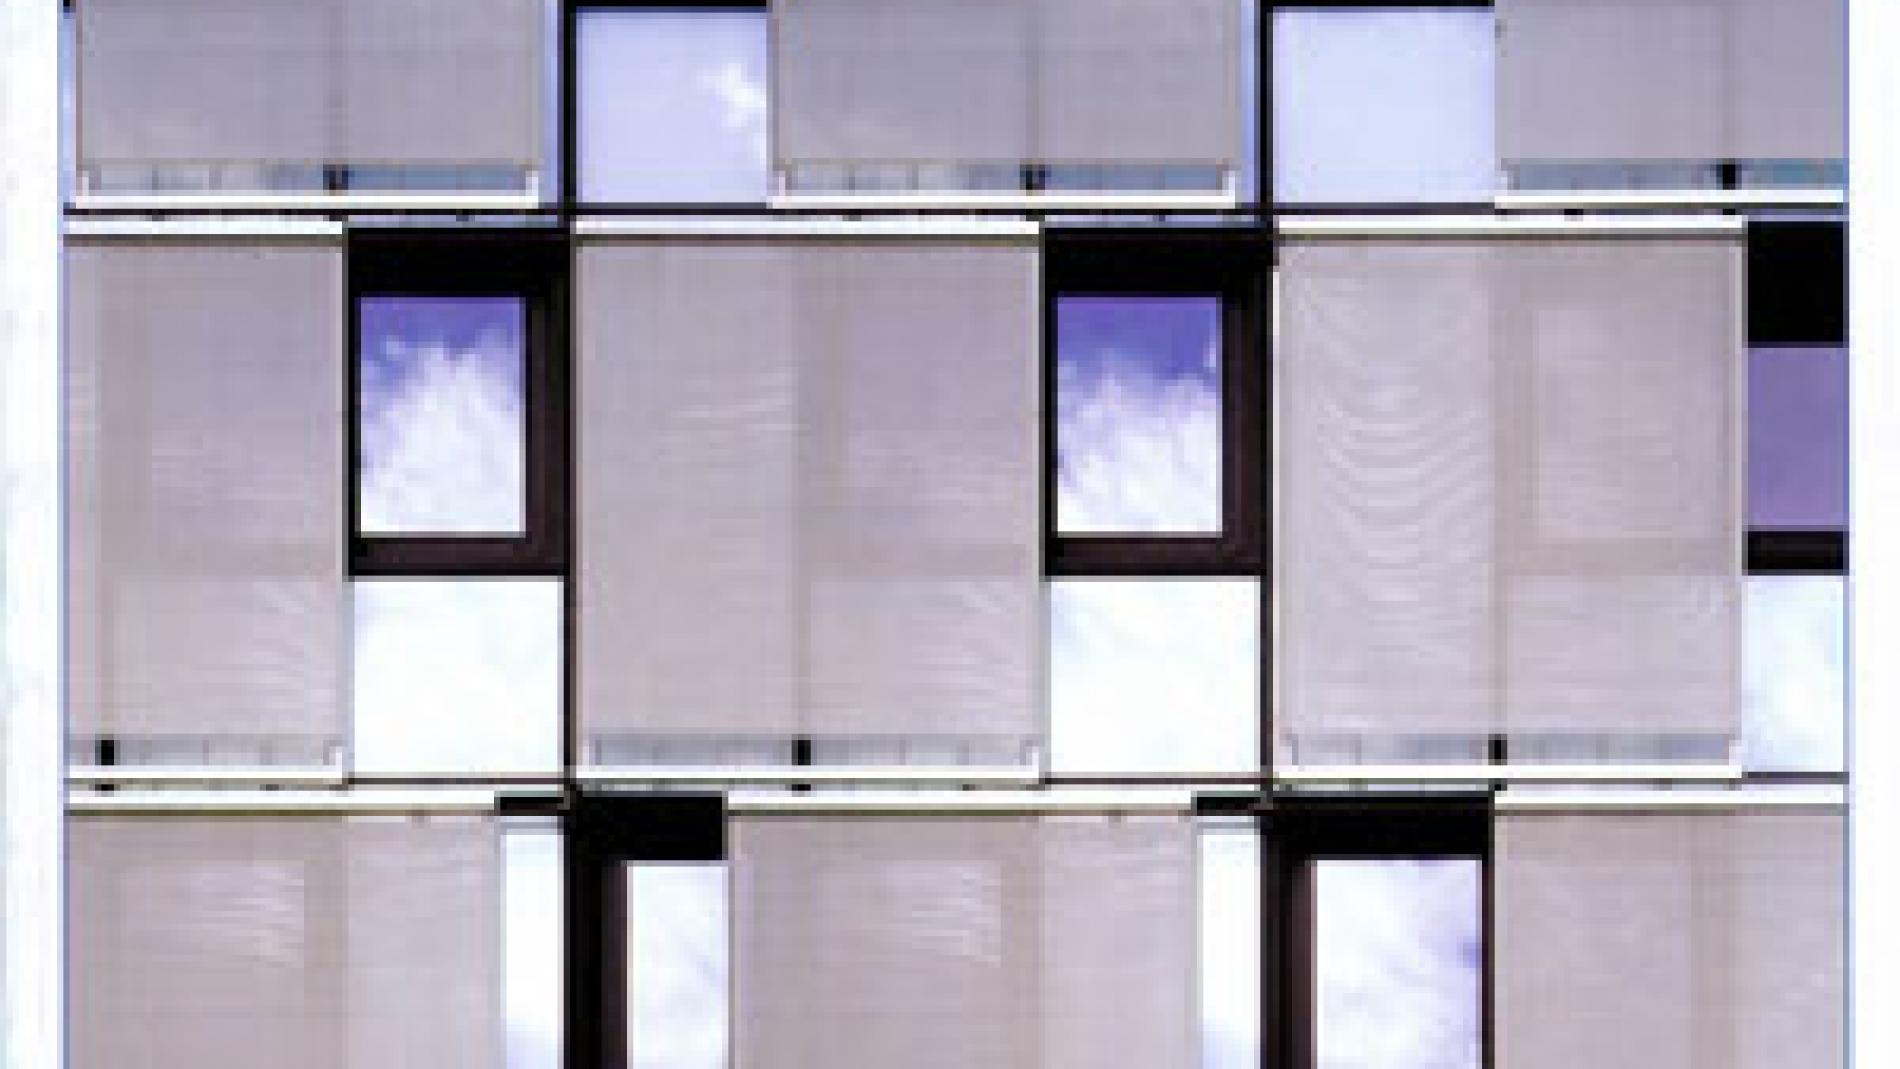 ArchitekturSonnenschutz_2003_03